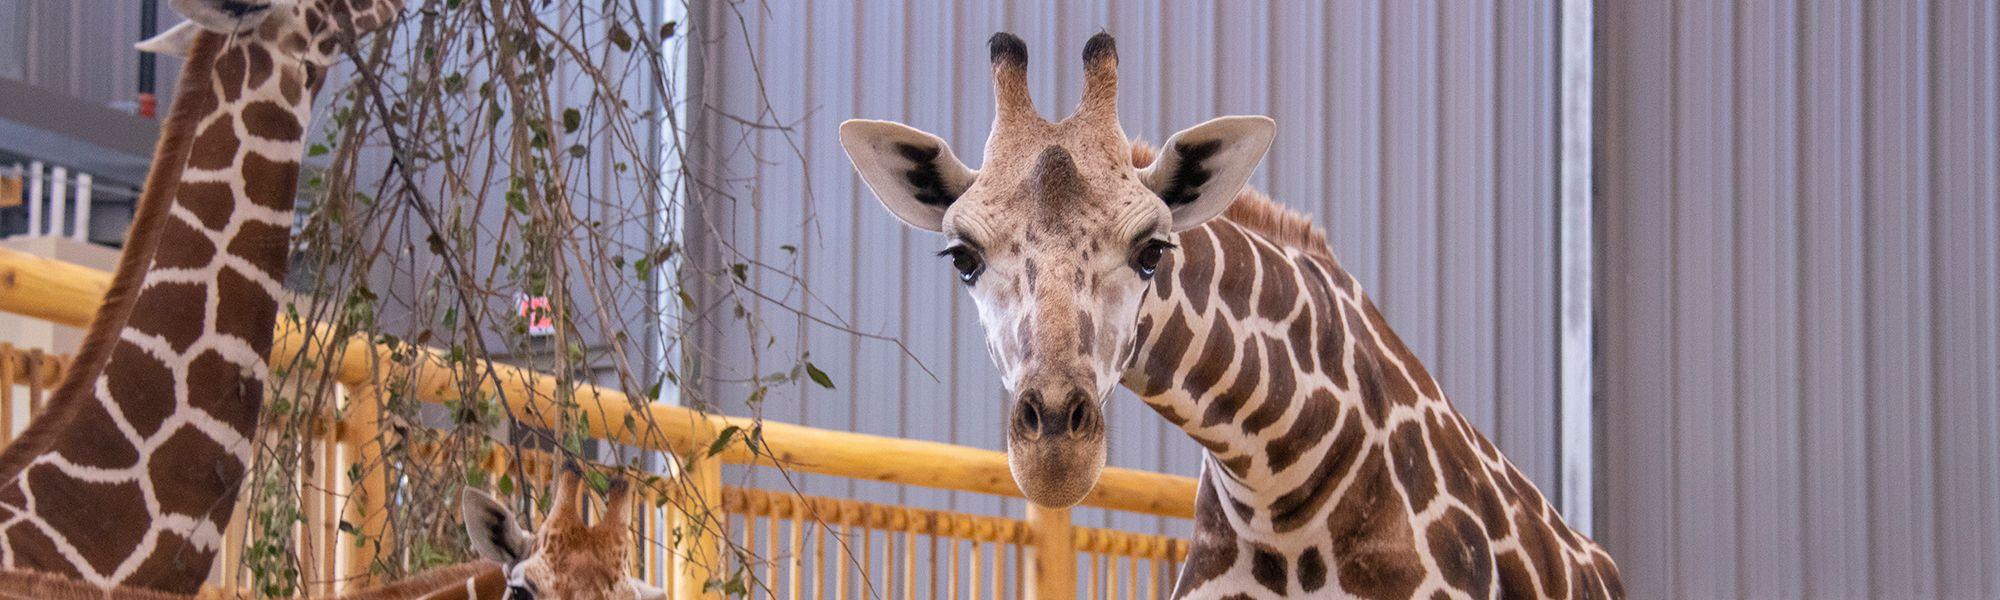 Zoo Trip Summer Bundle